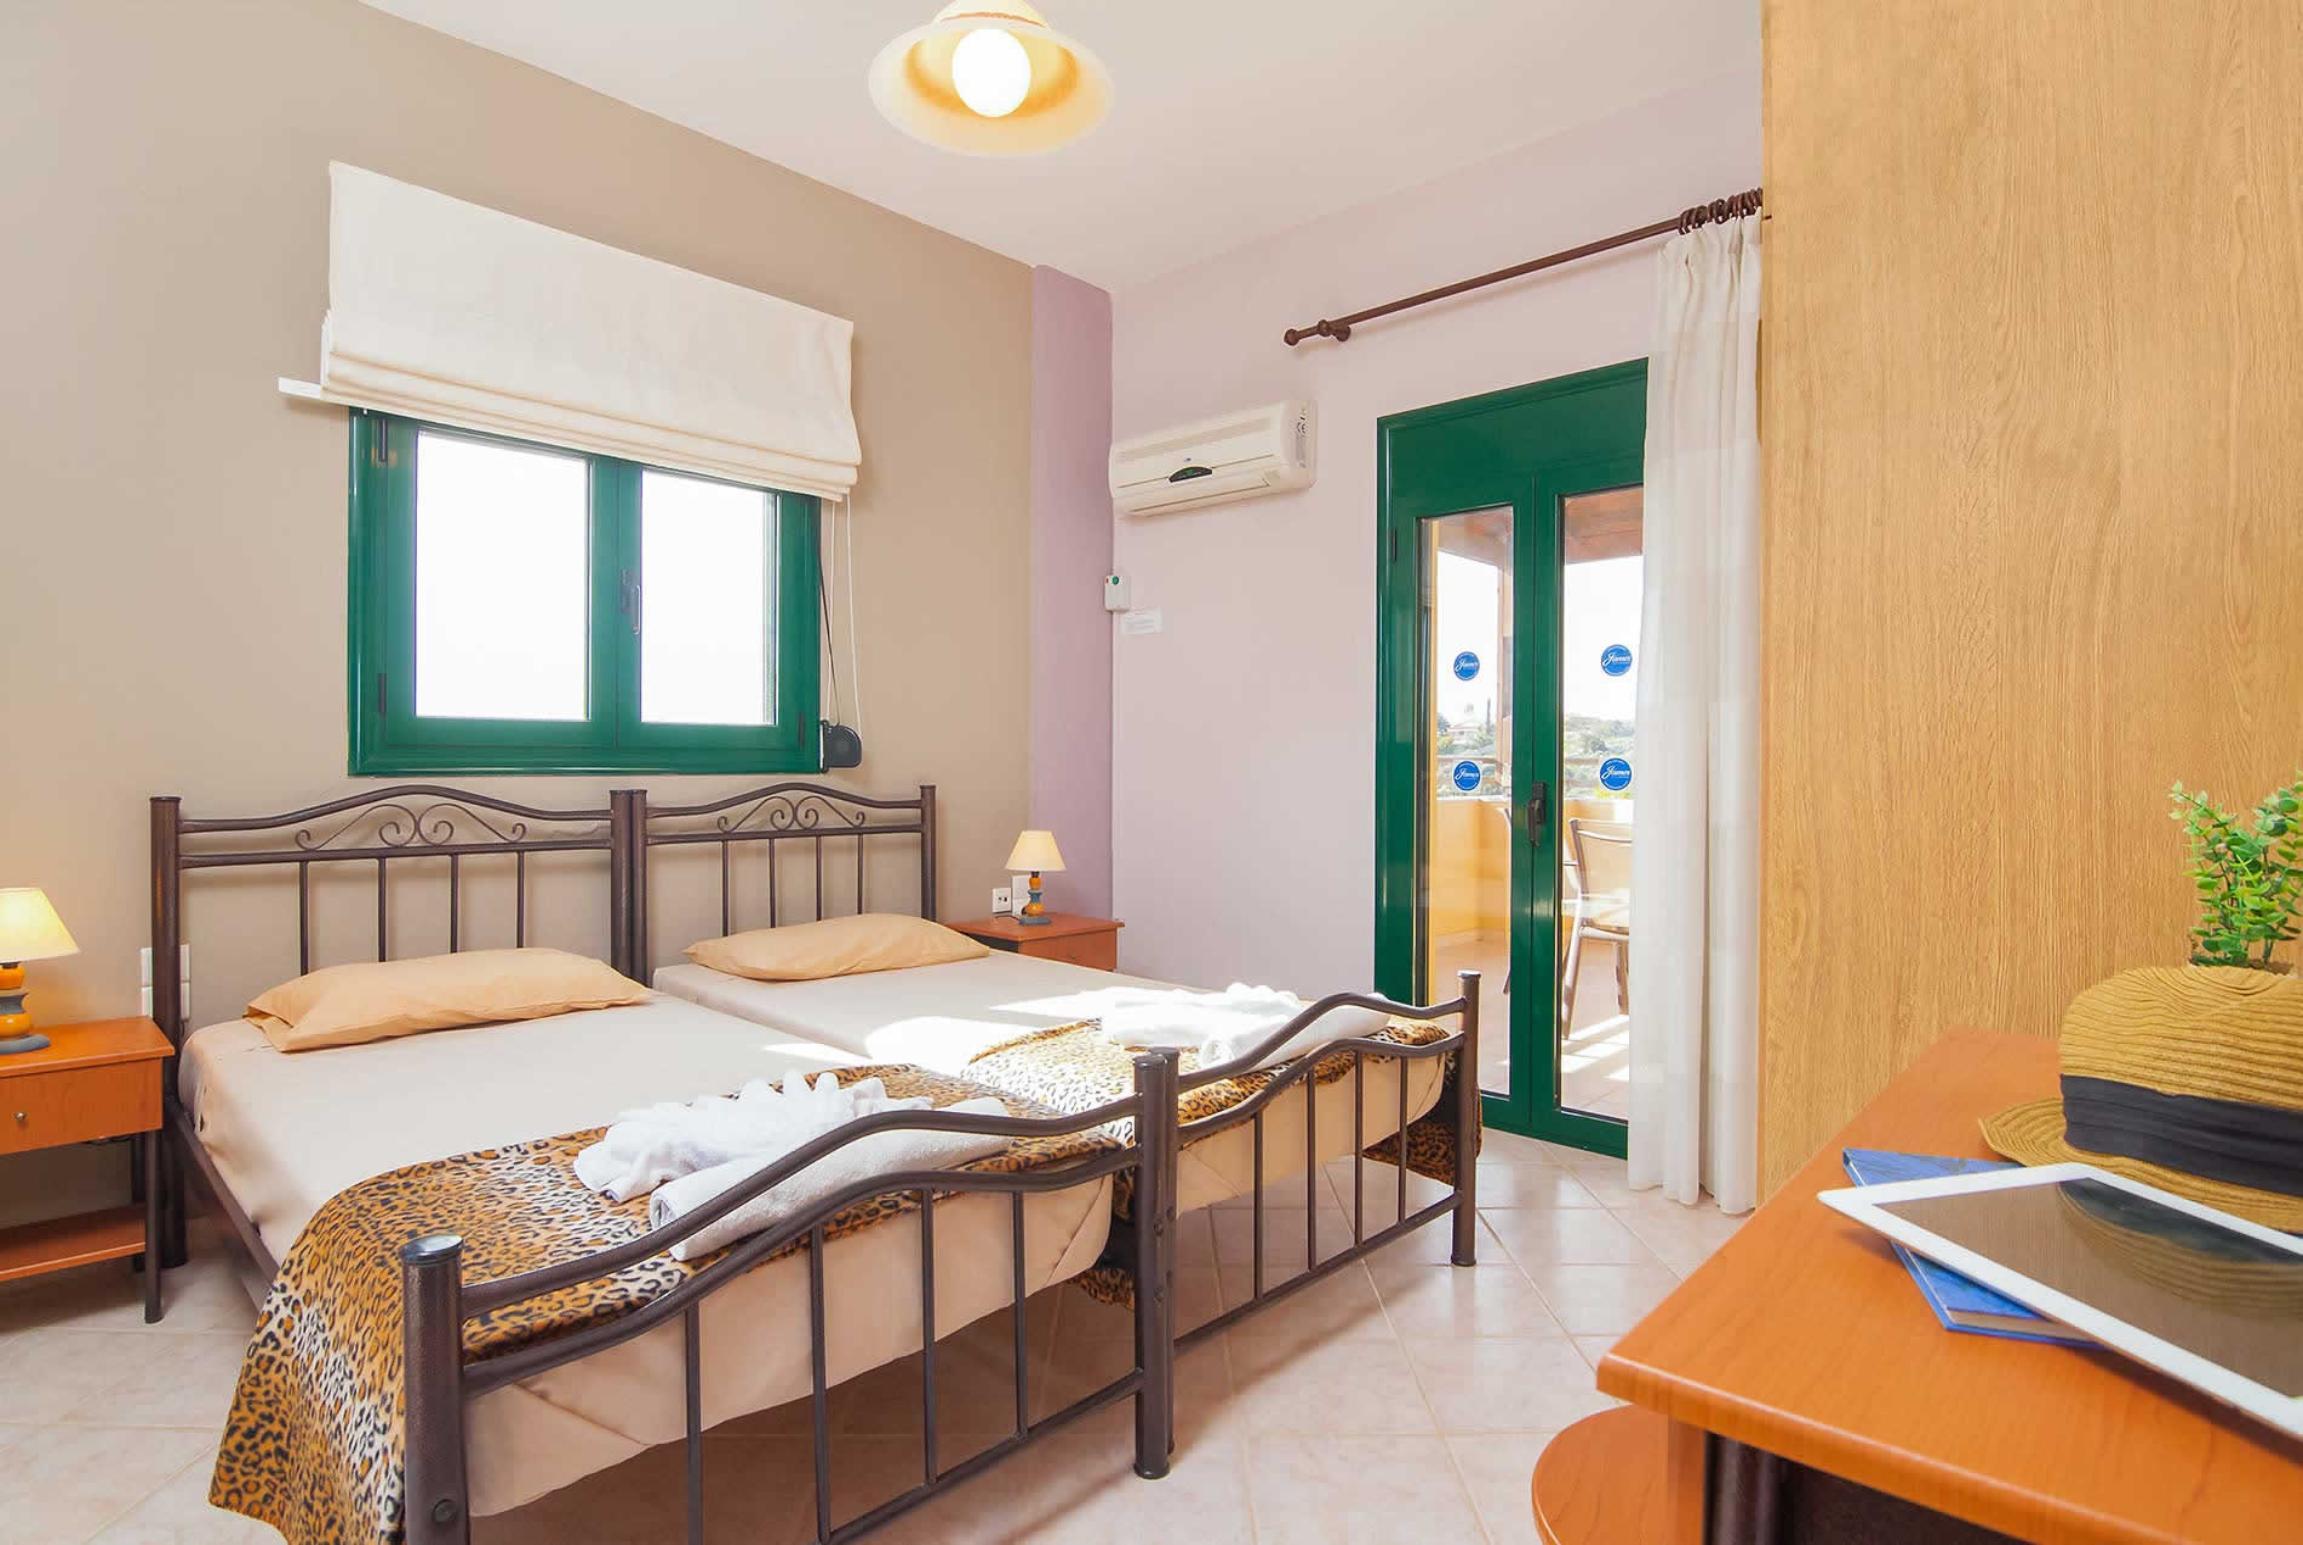 Ferienhaus Pelagia (2653855), Roumeli, Kreta Nordküste, Kreta, Griechenland, Bild 14